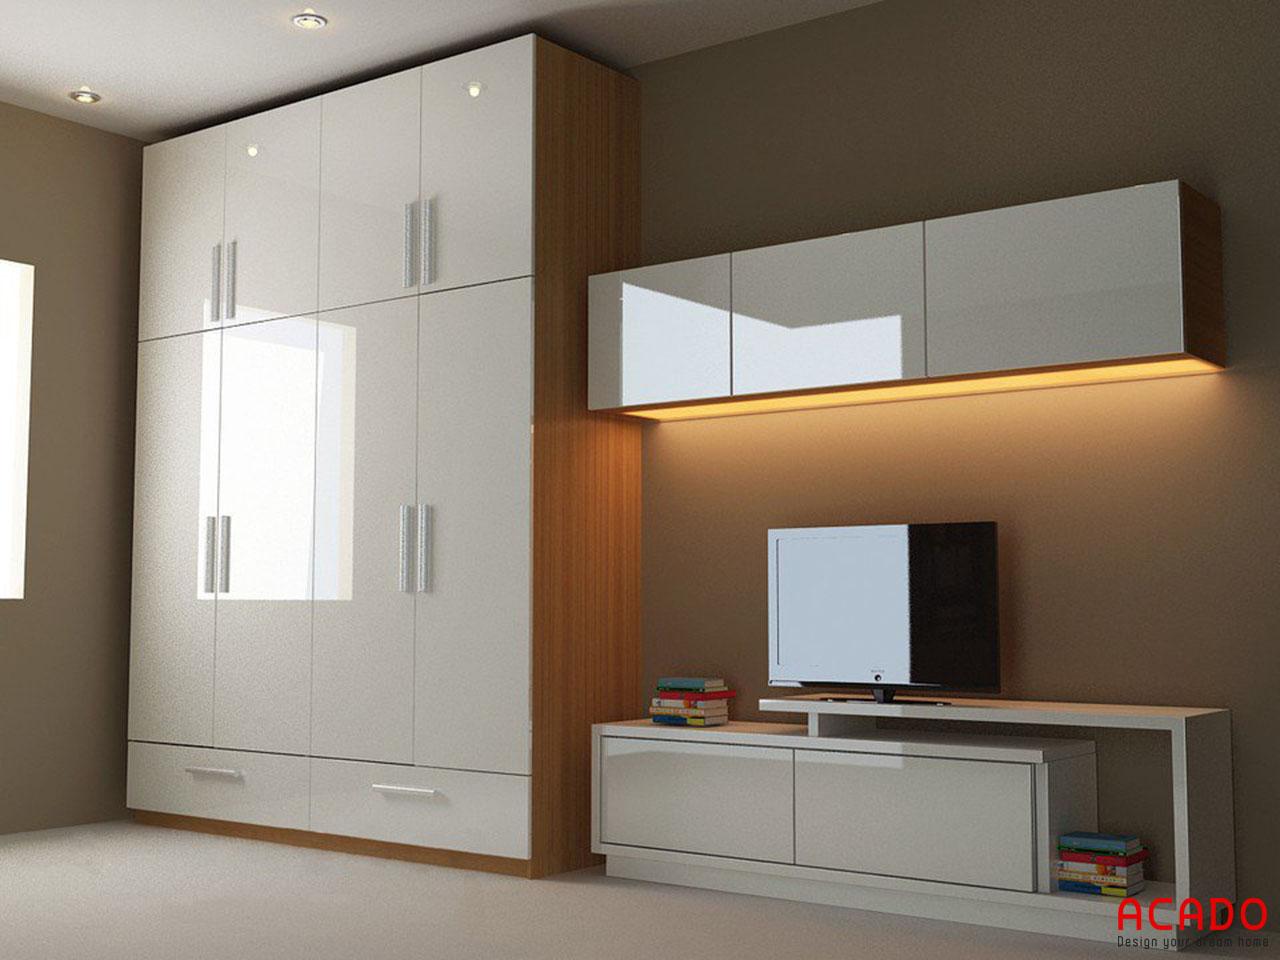 Tủ quần áo gỗ công nghiệp Acrylic hiện đại, sang trọng tại nội thất Acado